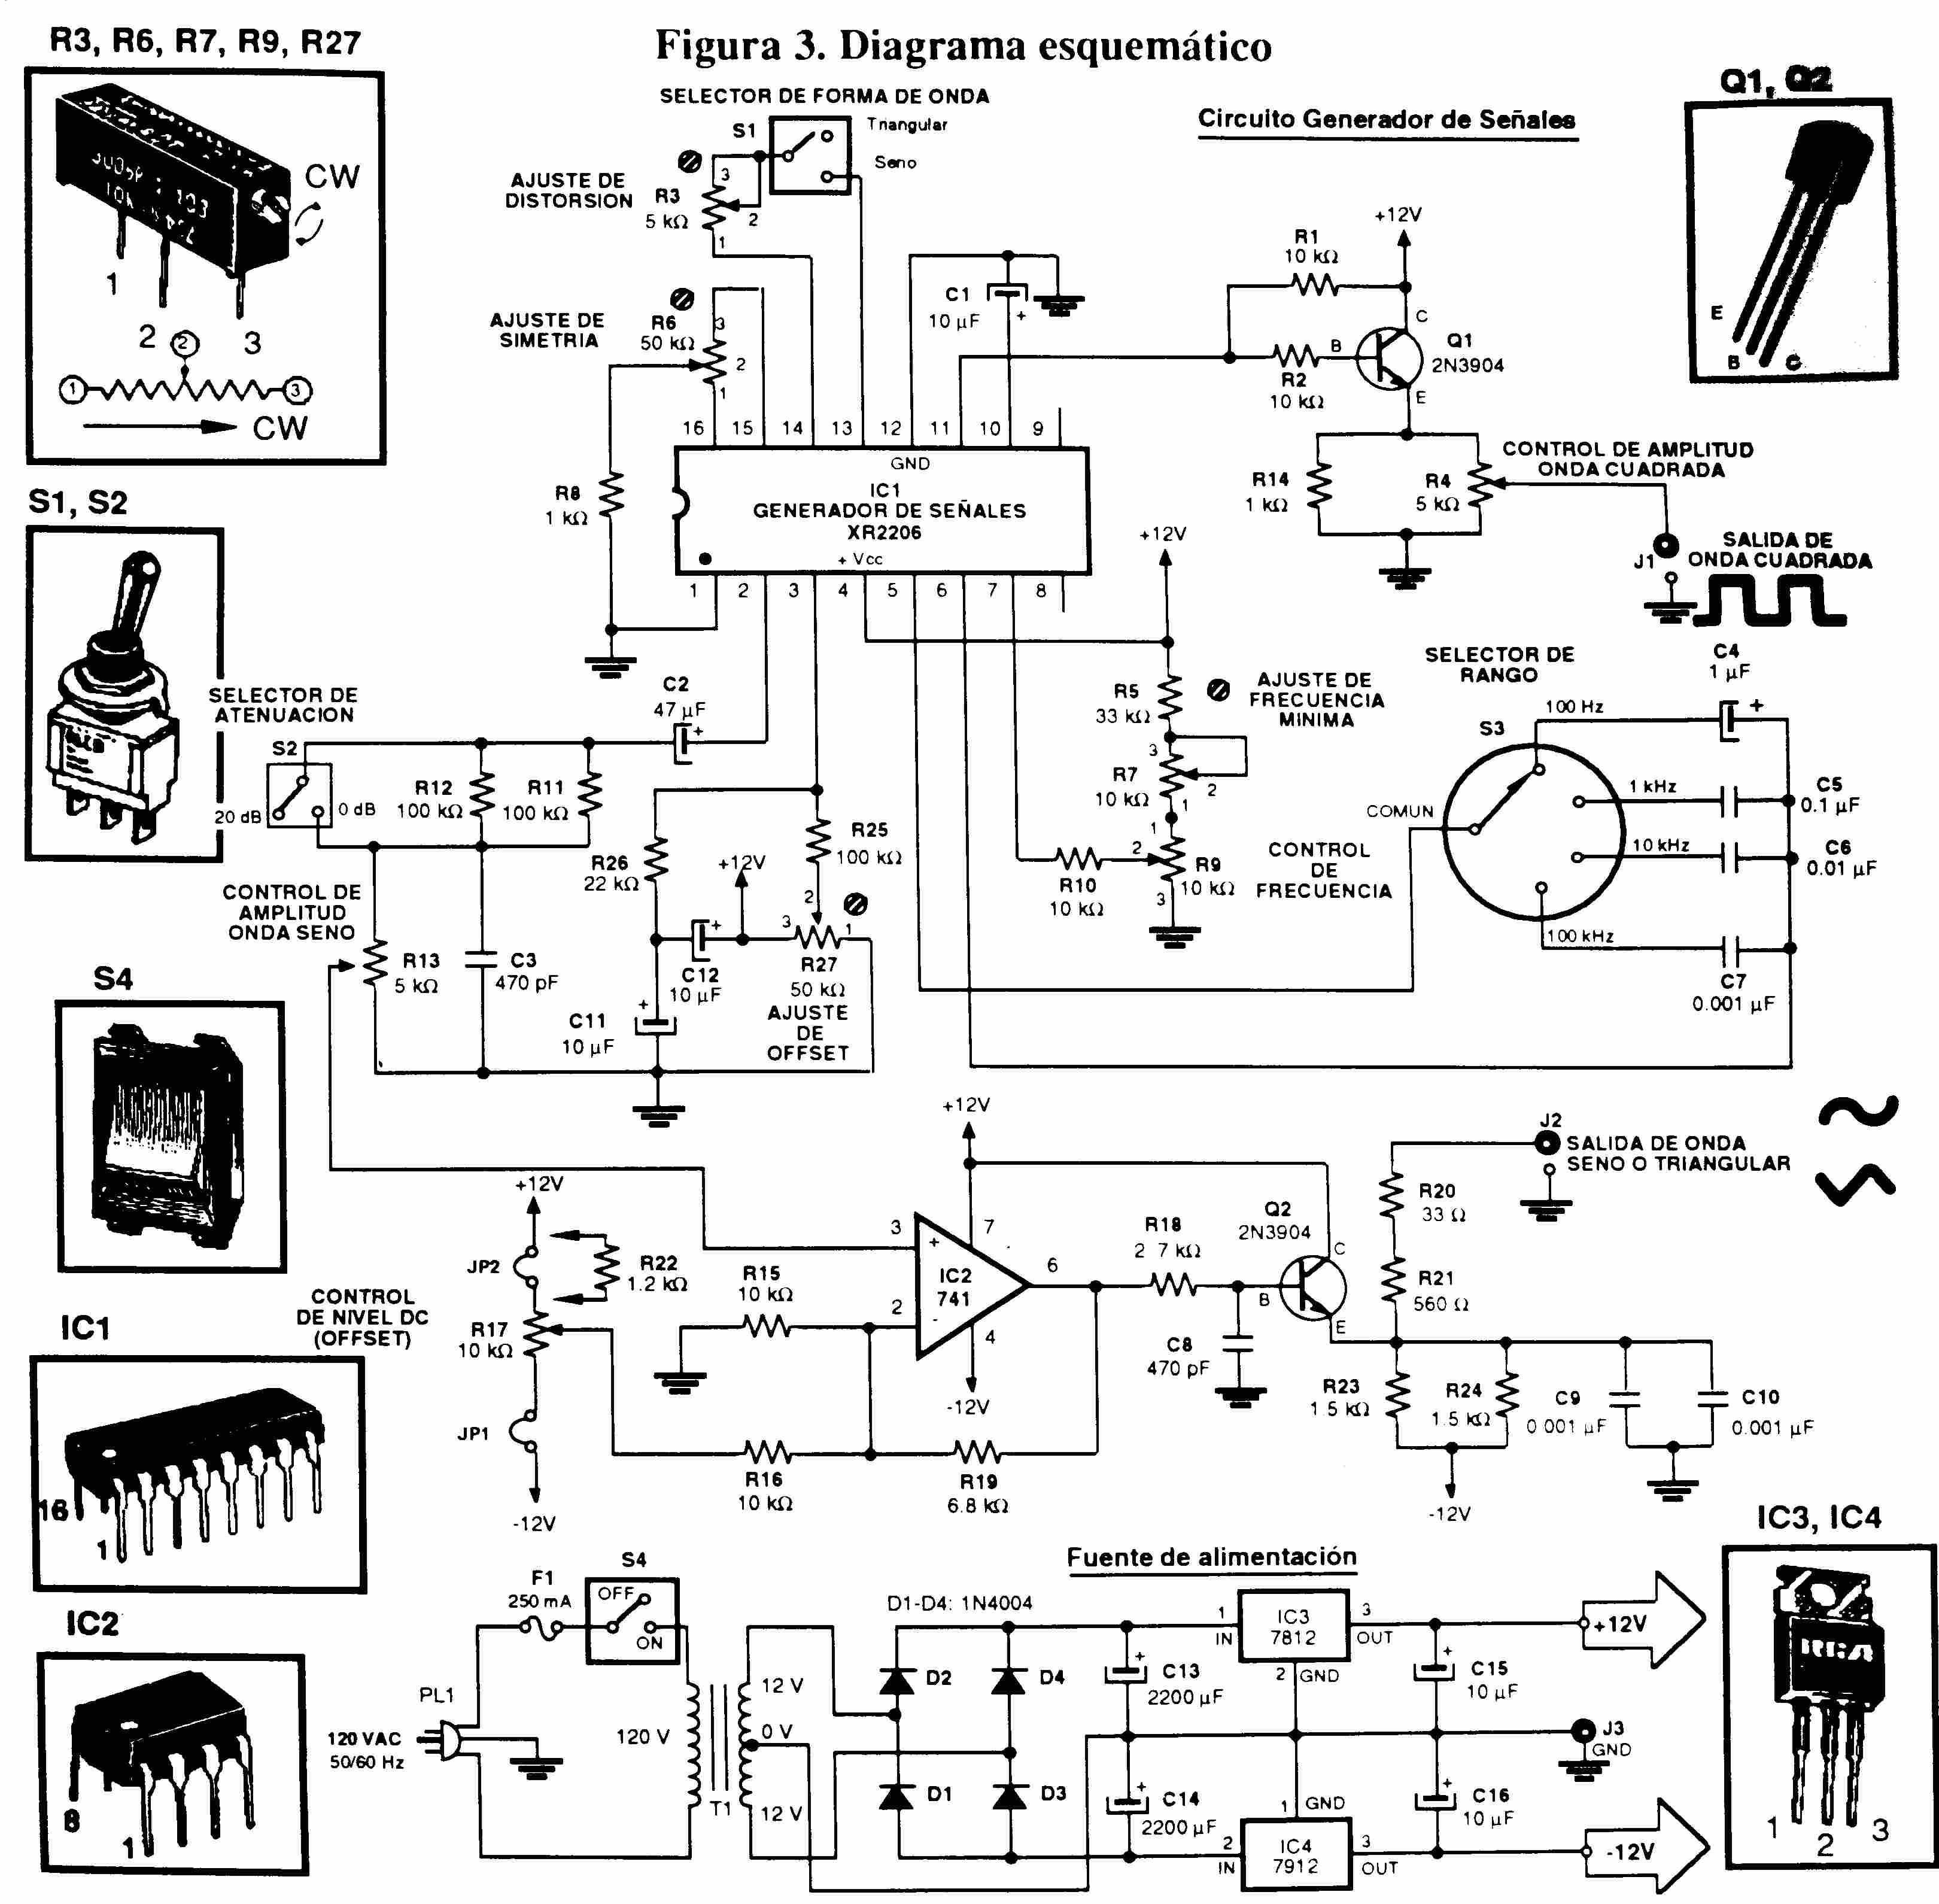 Circuito Xr2206 : Circuito generador de ondas con xr electronics